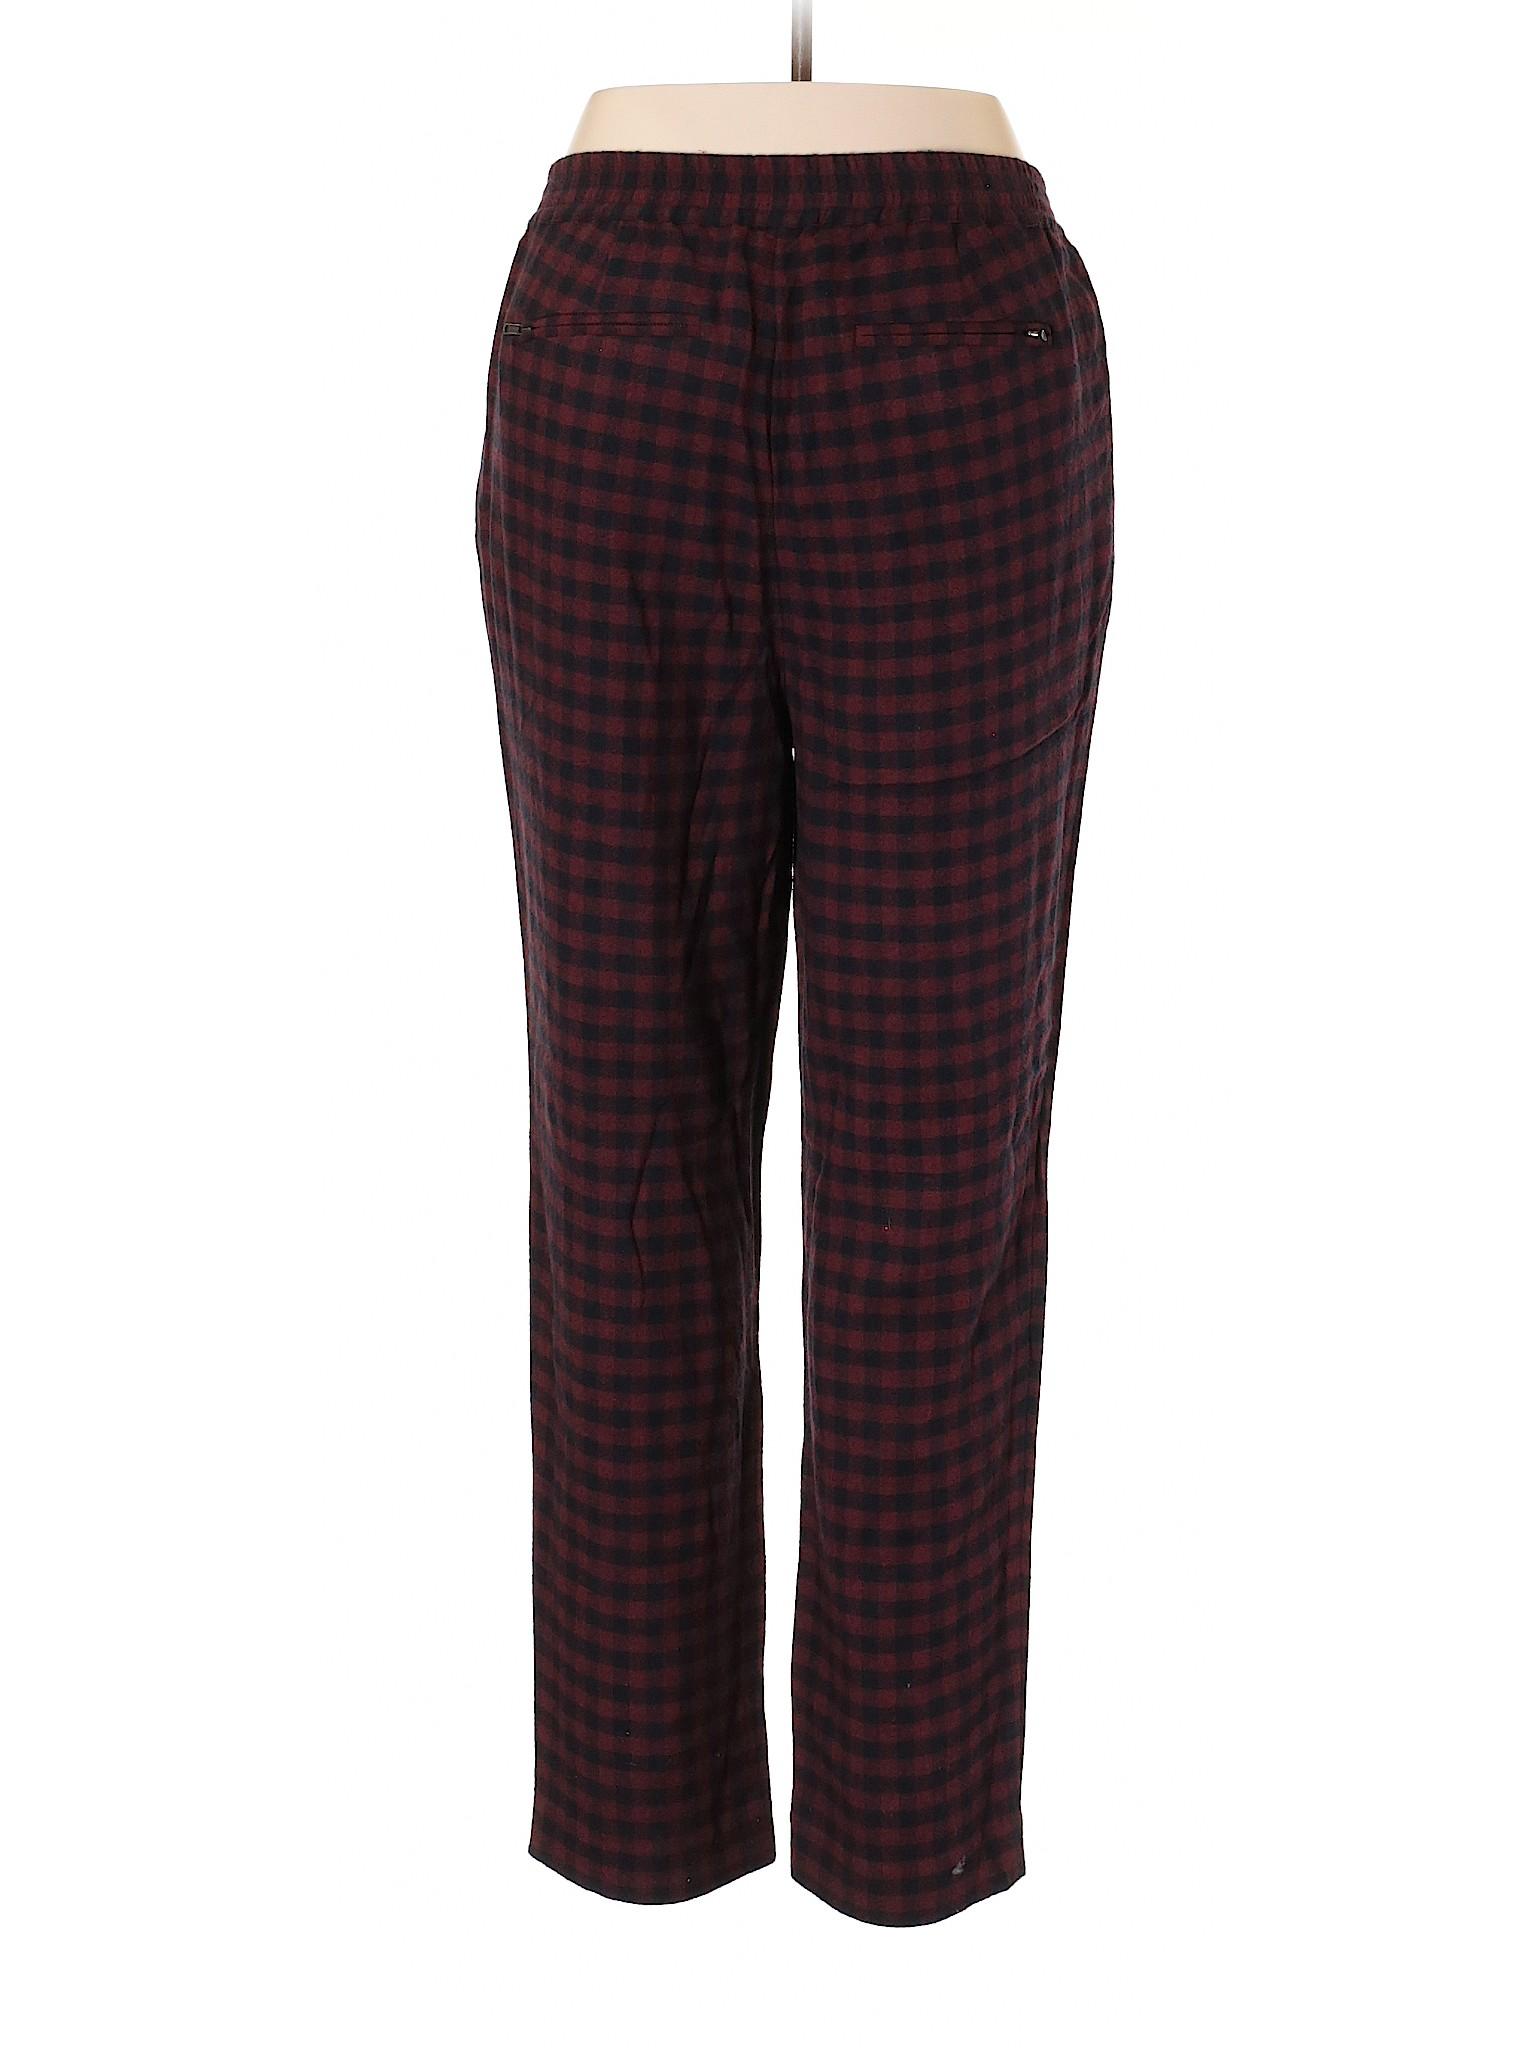 LOFT winter Pants Taylor Boutique Casual Ann FtdwxqO